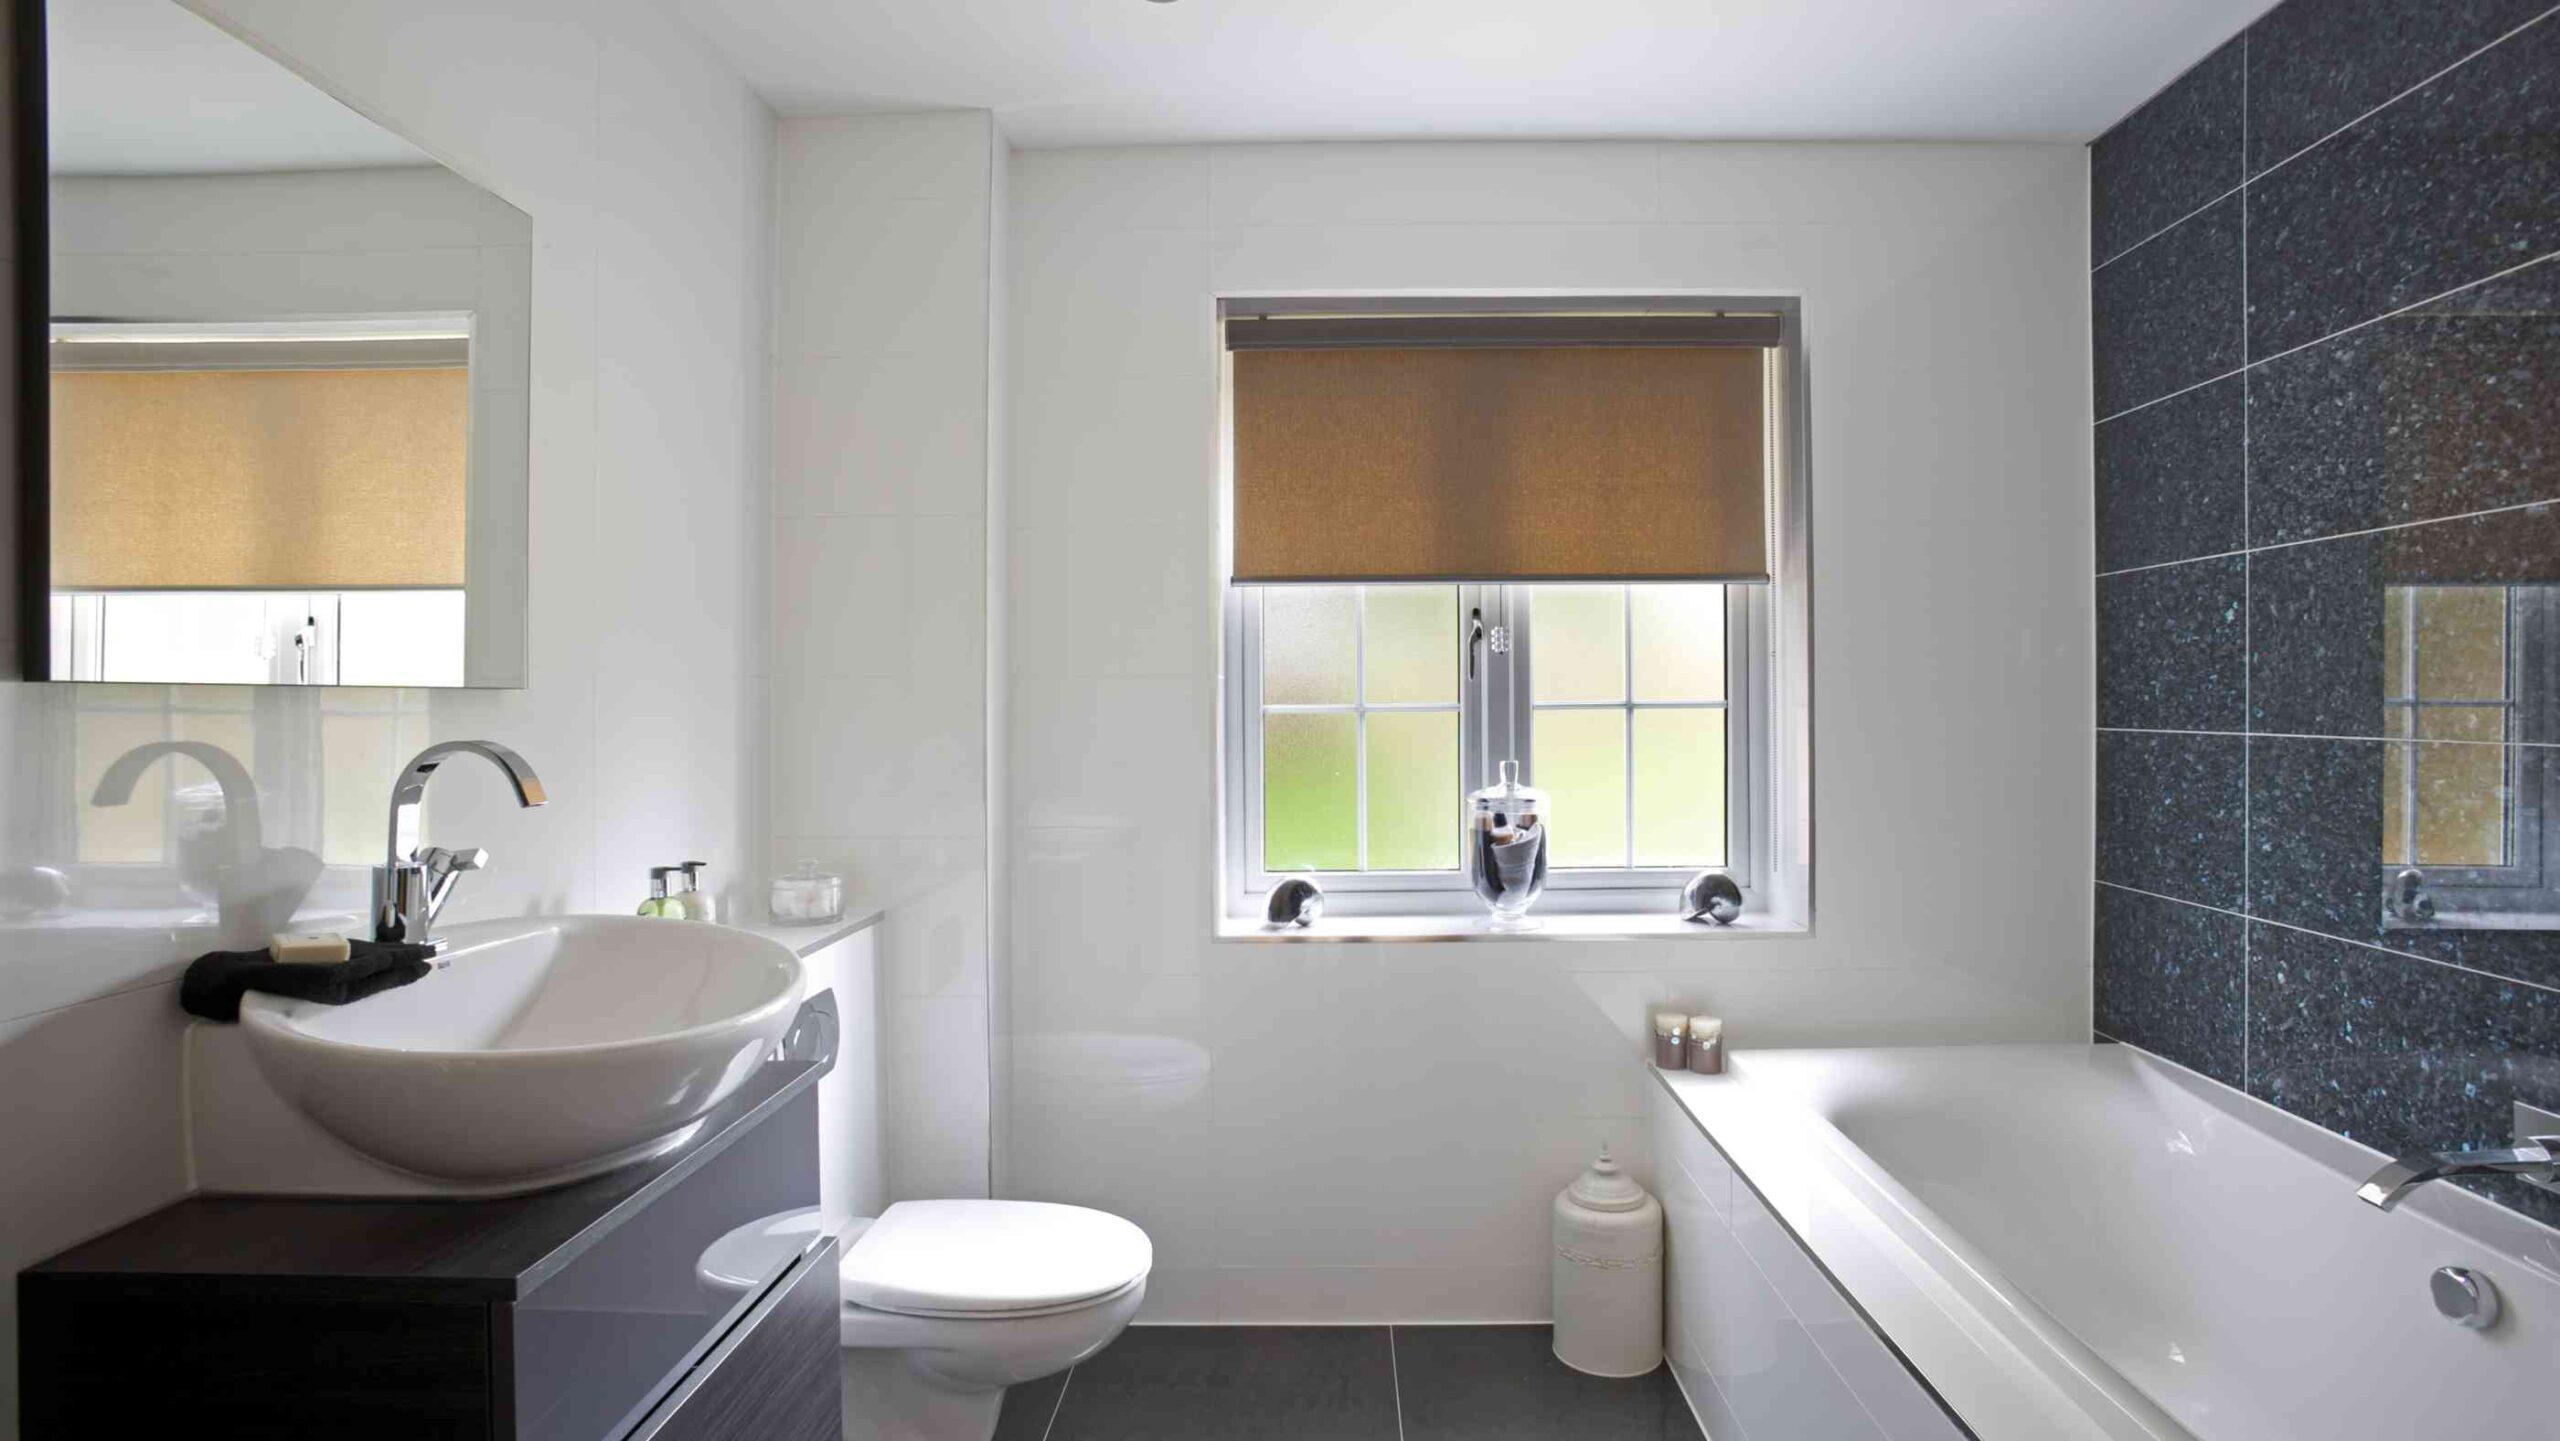 Full Size of Raffrollo Küche Wohnzimmer Raffrollo Küchenfenster